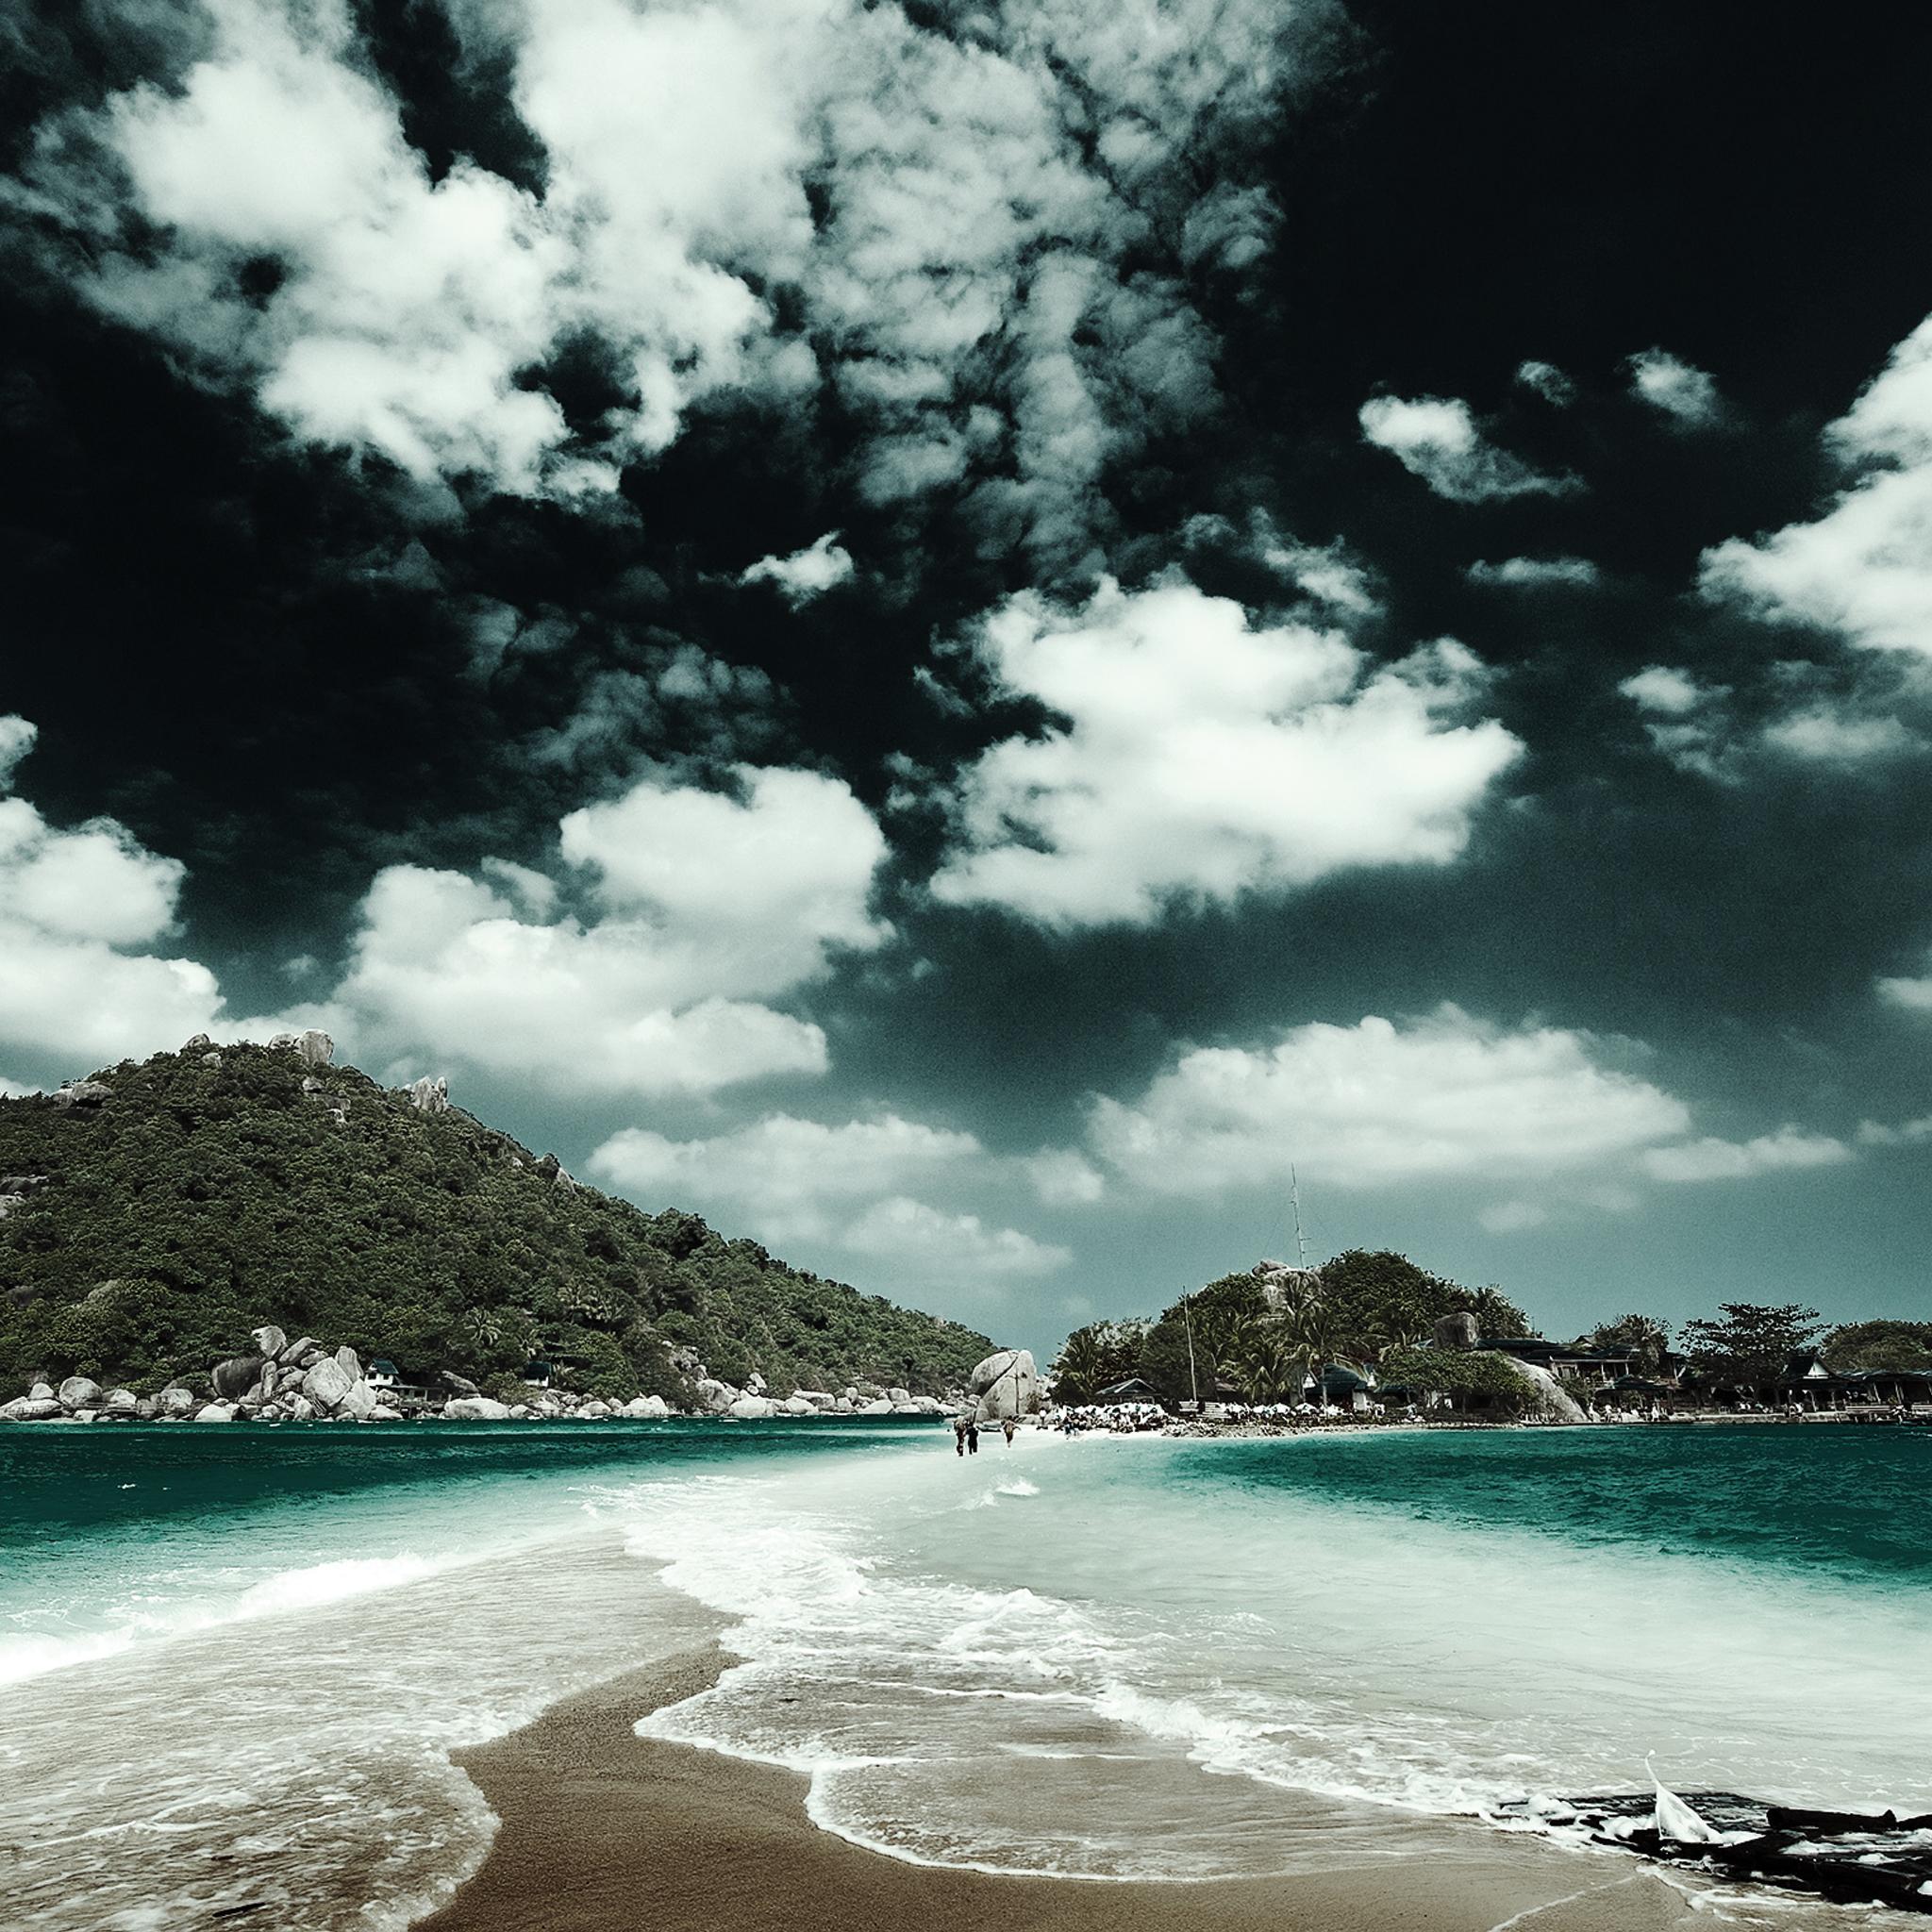 Beach-Paradis-3Wallpapers-iPad-Retina